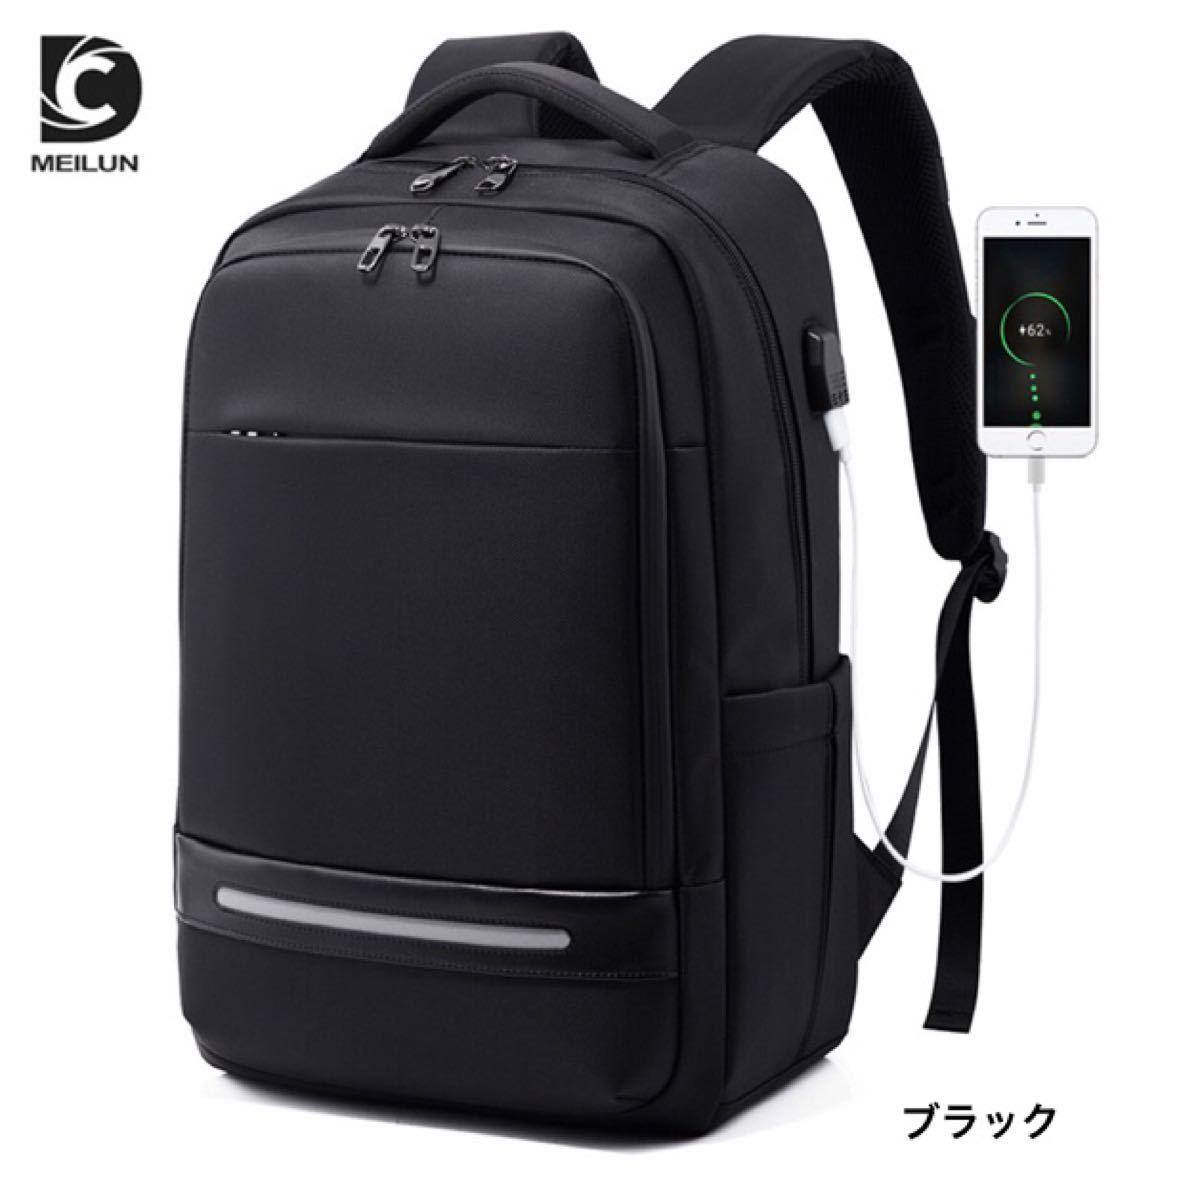 ビジネスリュック 男女兼用 大容量 USBポート PC収納 USB充電 通勤 通学 出張 旅行 多ポケット機能性 防水  高品質